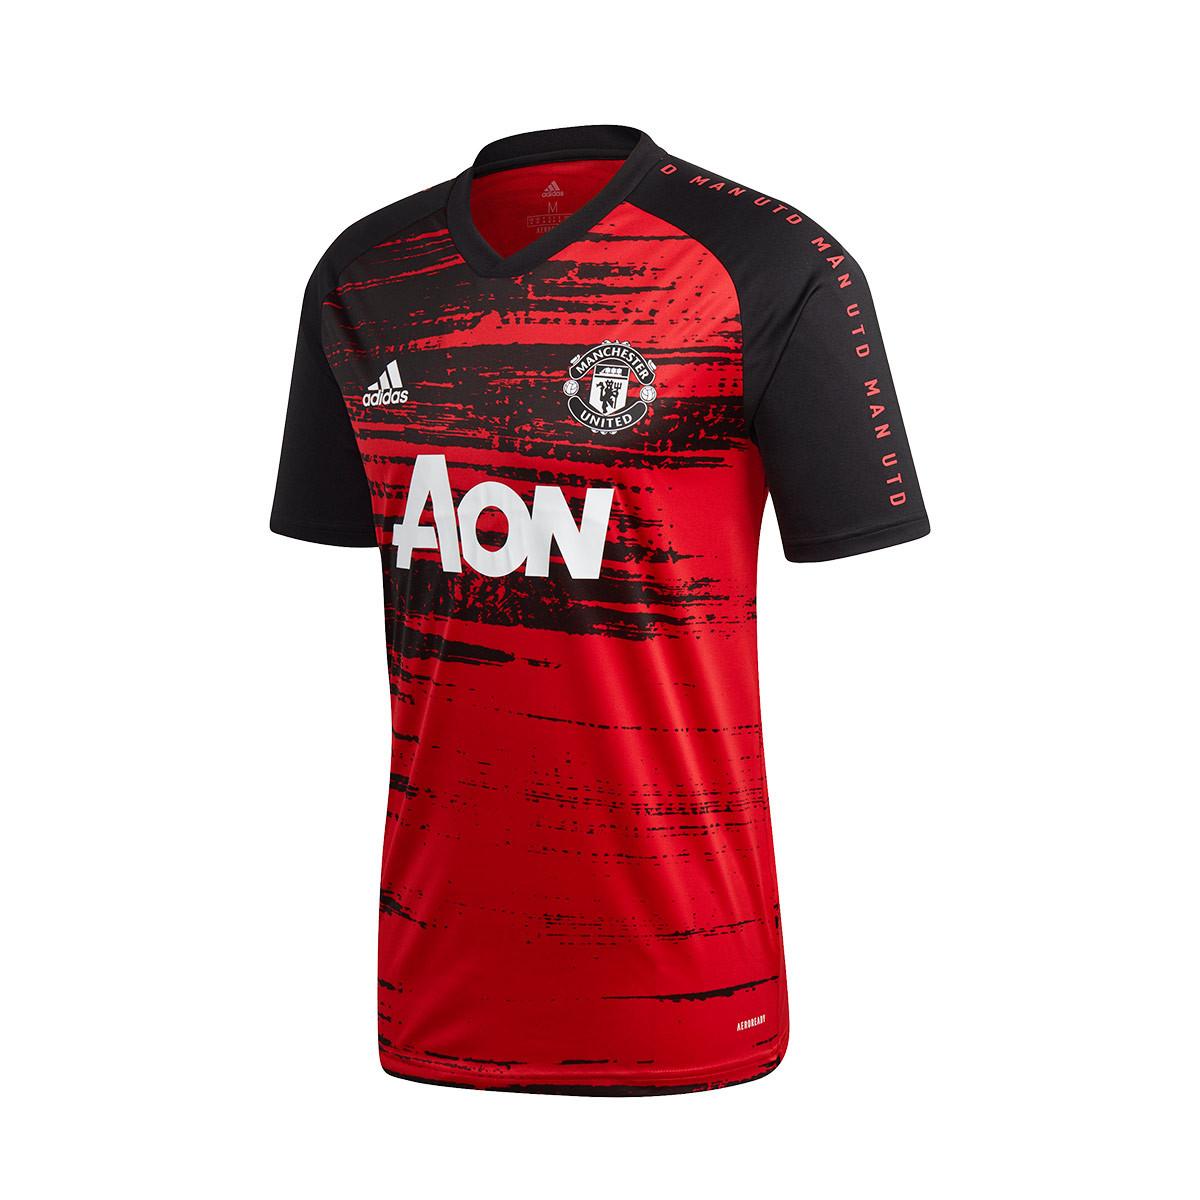 maglia adidas manchester united fc pre match 2020 2021 nino real red black negozio di calcio futbol emotion www plumascourt ca gov